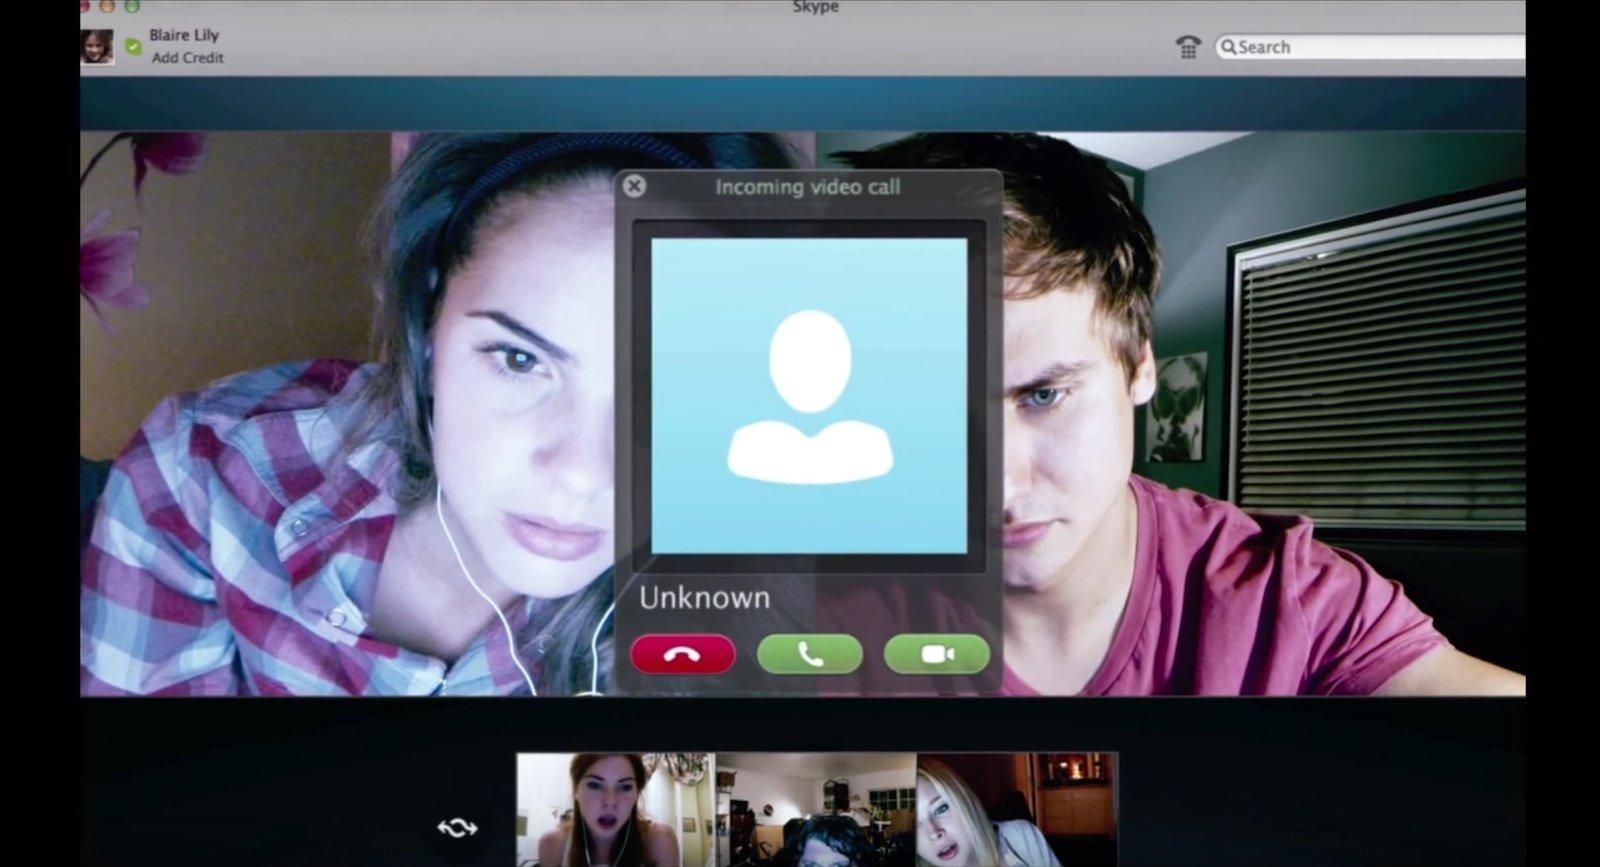 Imagem do filme Amizade Desfeita, também conhecido como Unfriended, ou Offline. A imagem mostra uma conversa de Skype na tela de um computador, envolvendo vários jovens e uma pessoa desconhecida.